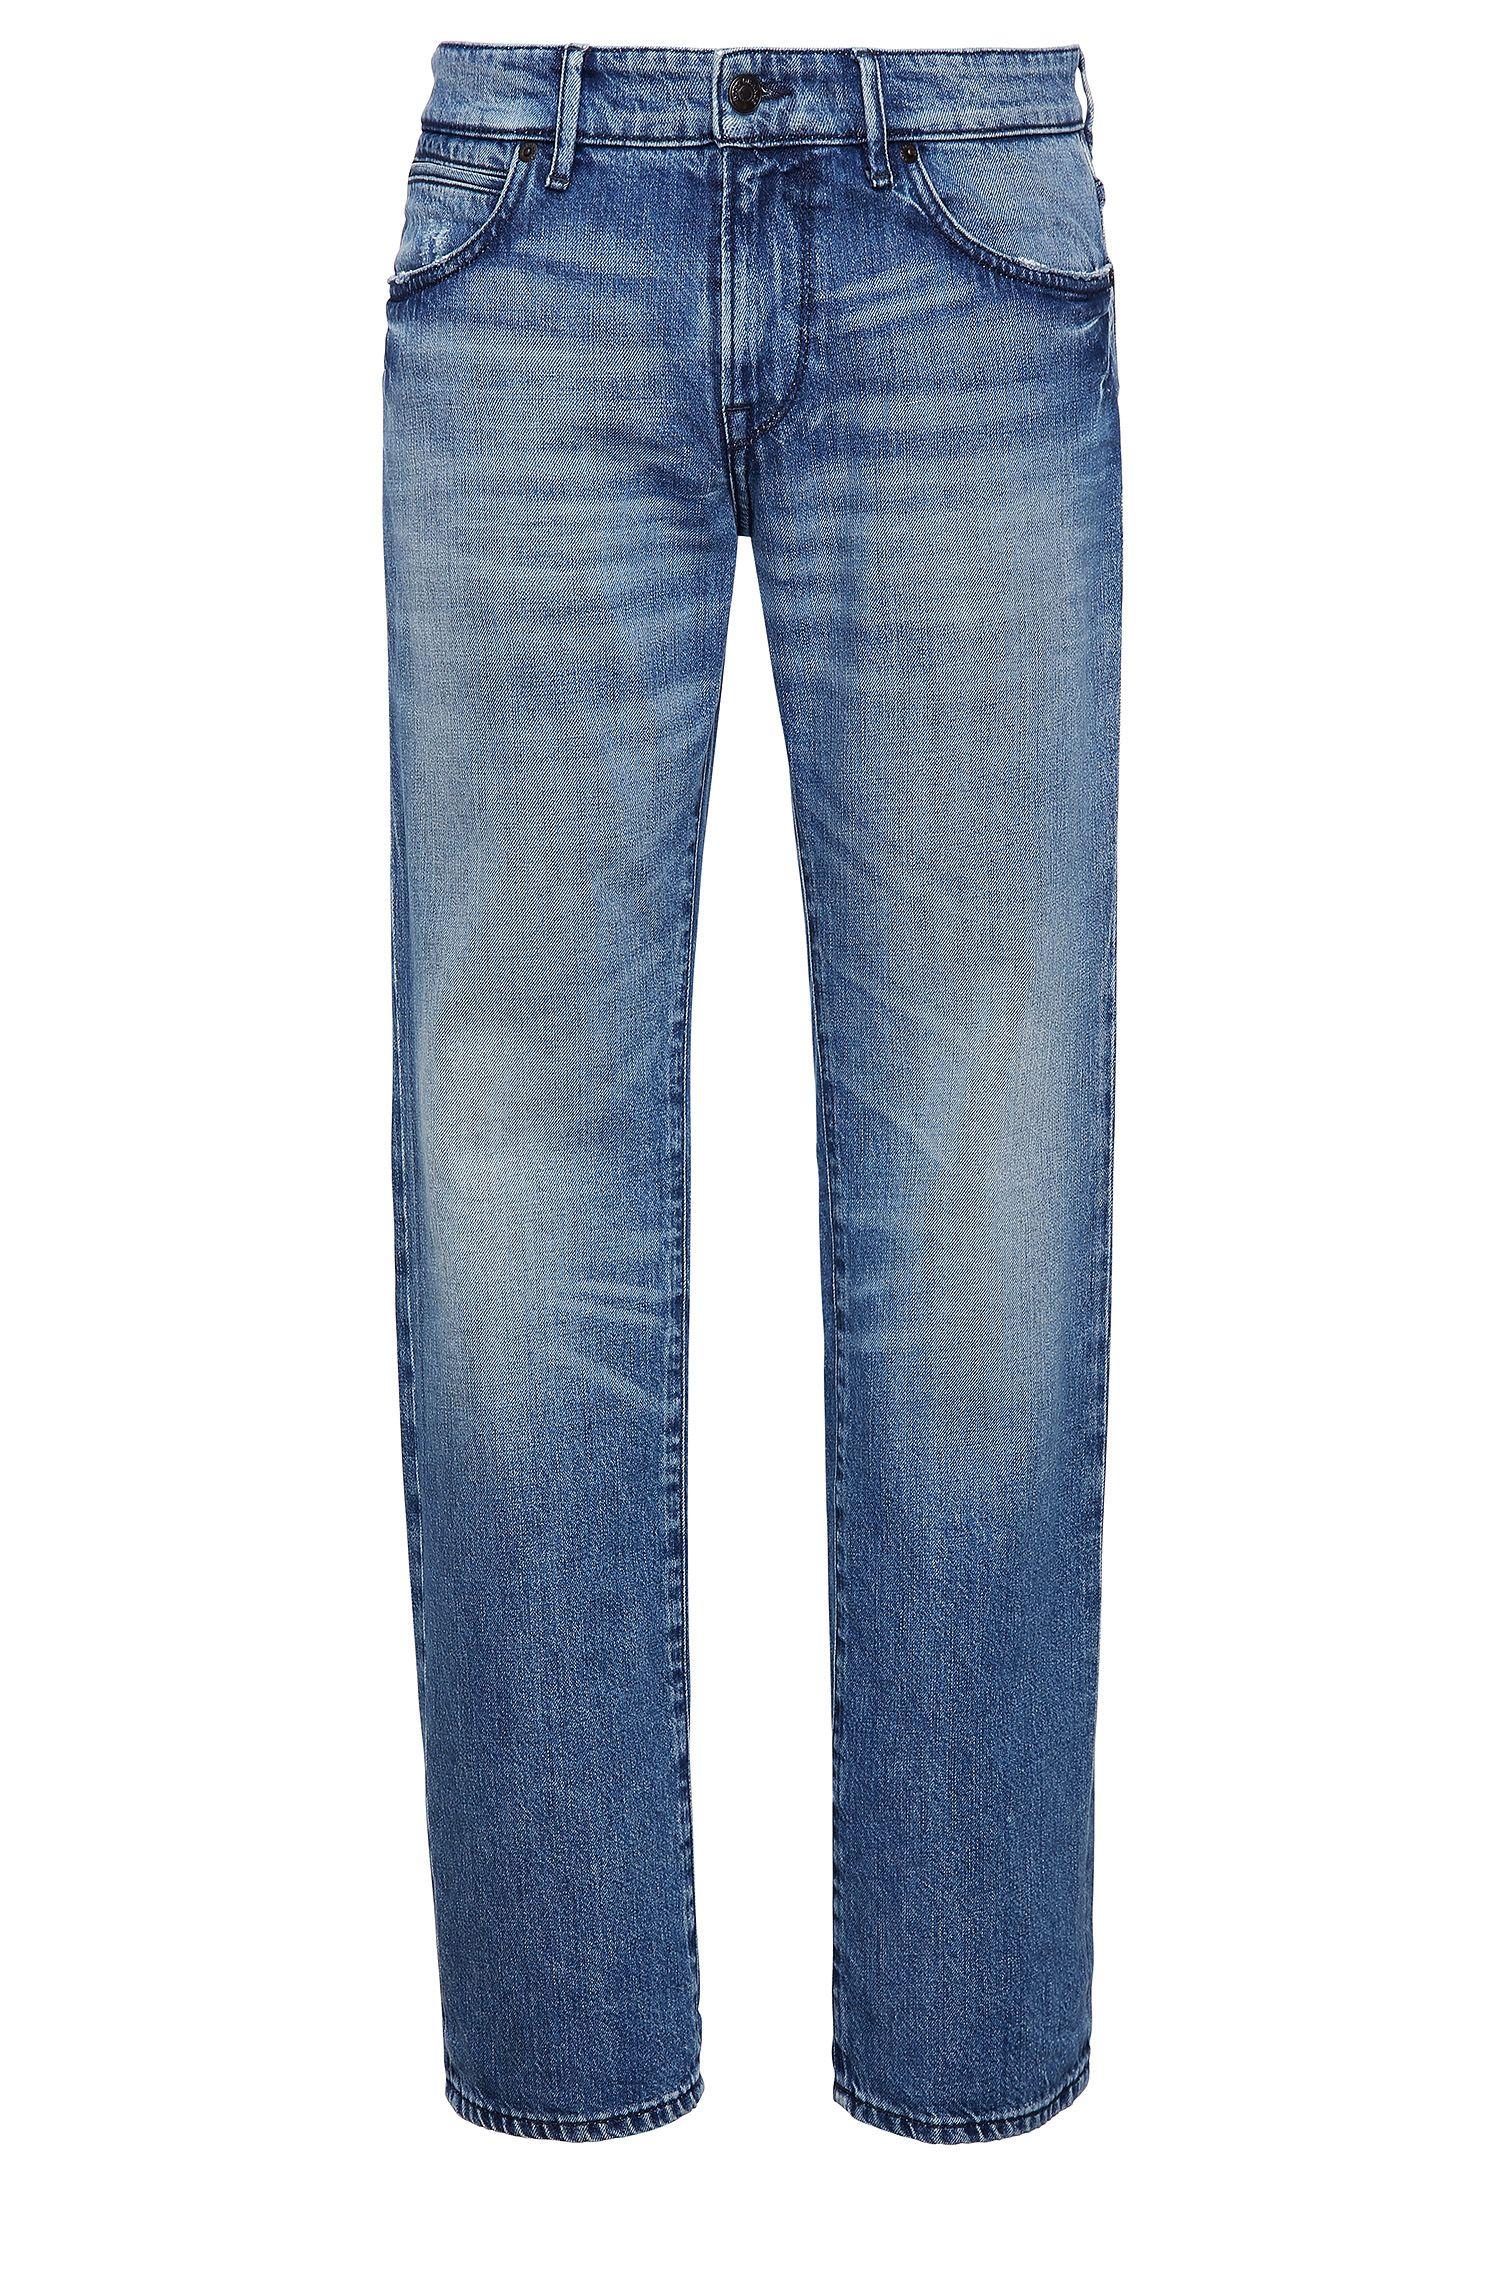 12 oz Stretch Cotton Blend Jeans, Regular Fit | Orange24 Barcelona